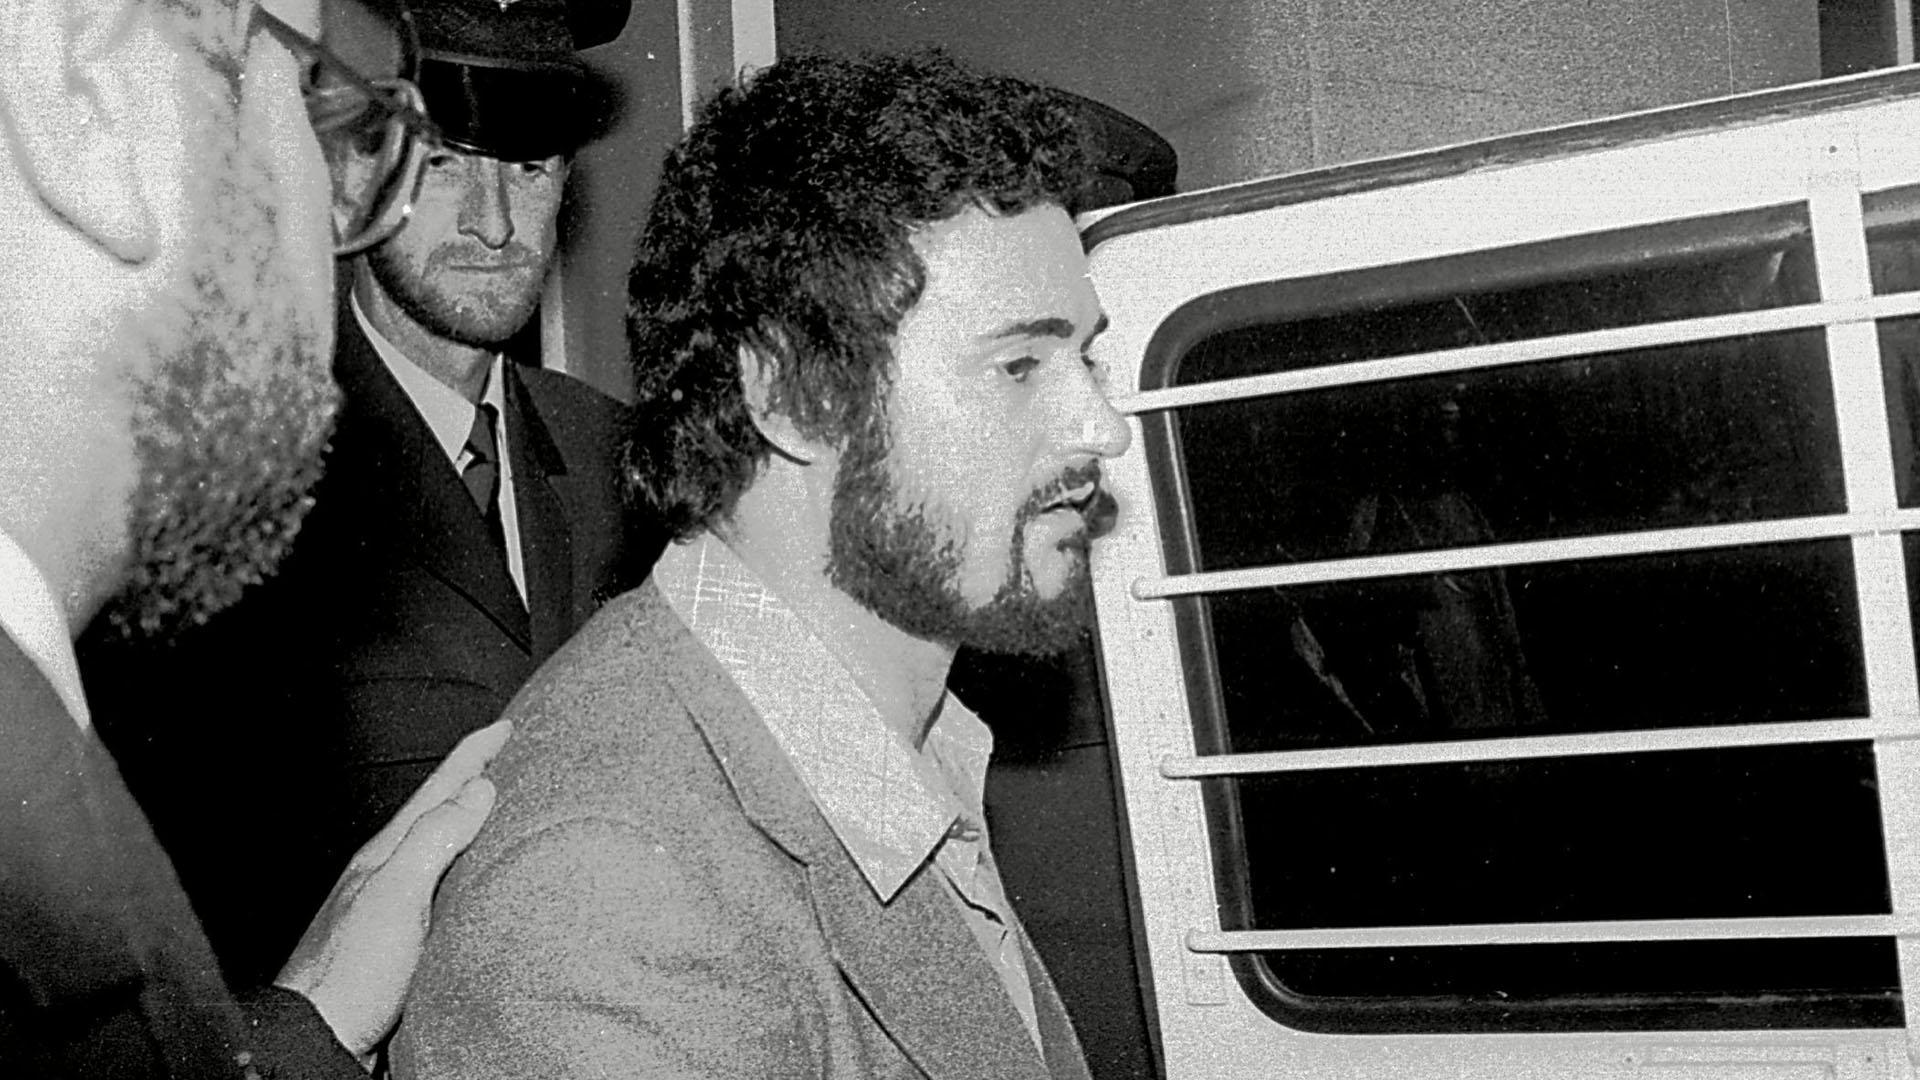 Murió el infame Peter Sutcliffe, el máximo femicida serial del Reino Unido: tenía coronavirus y rechazó atención médica - Infobae